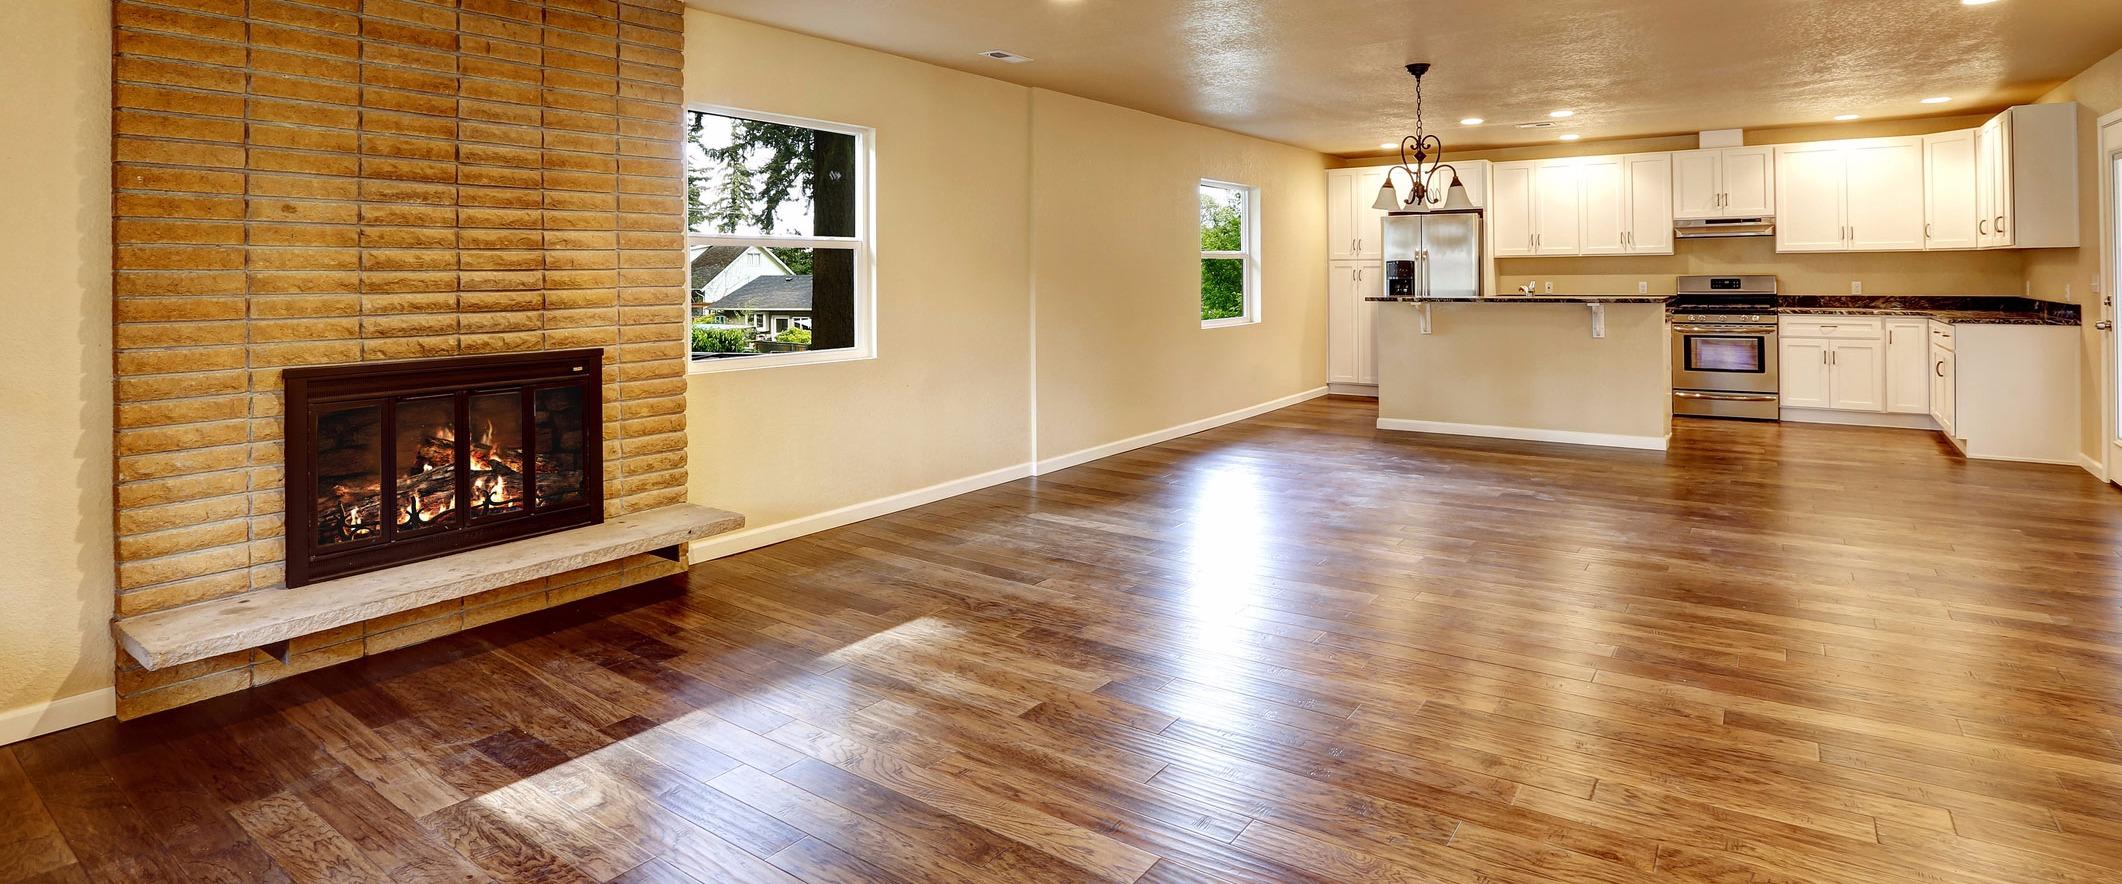 Flooring Contractors Laminate Hardwoods Tile Flooring